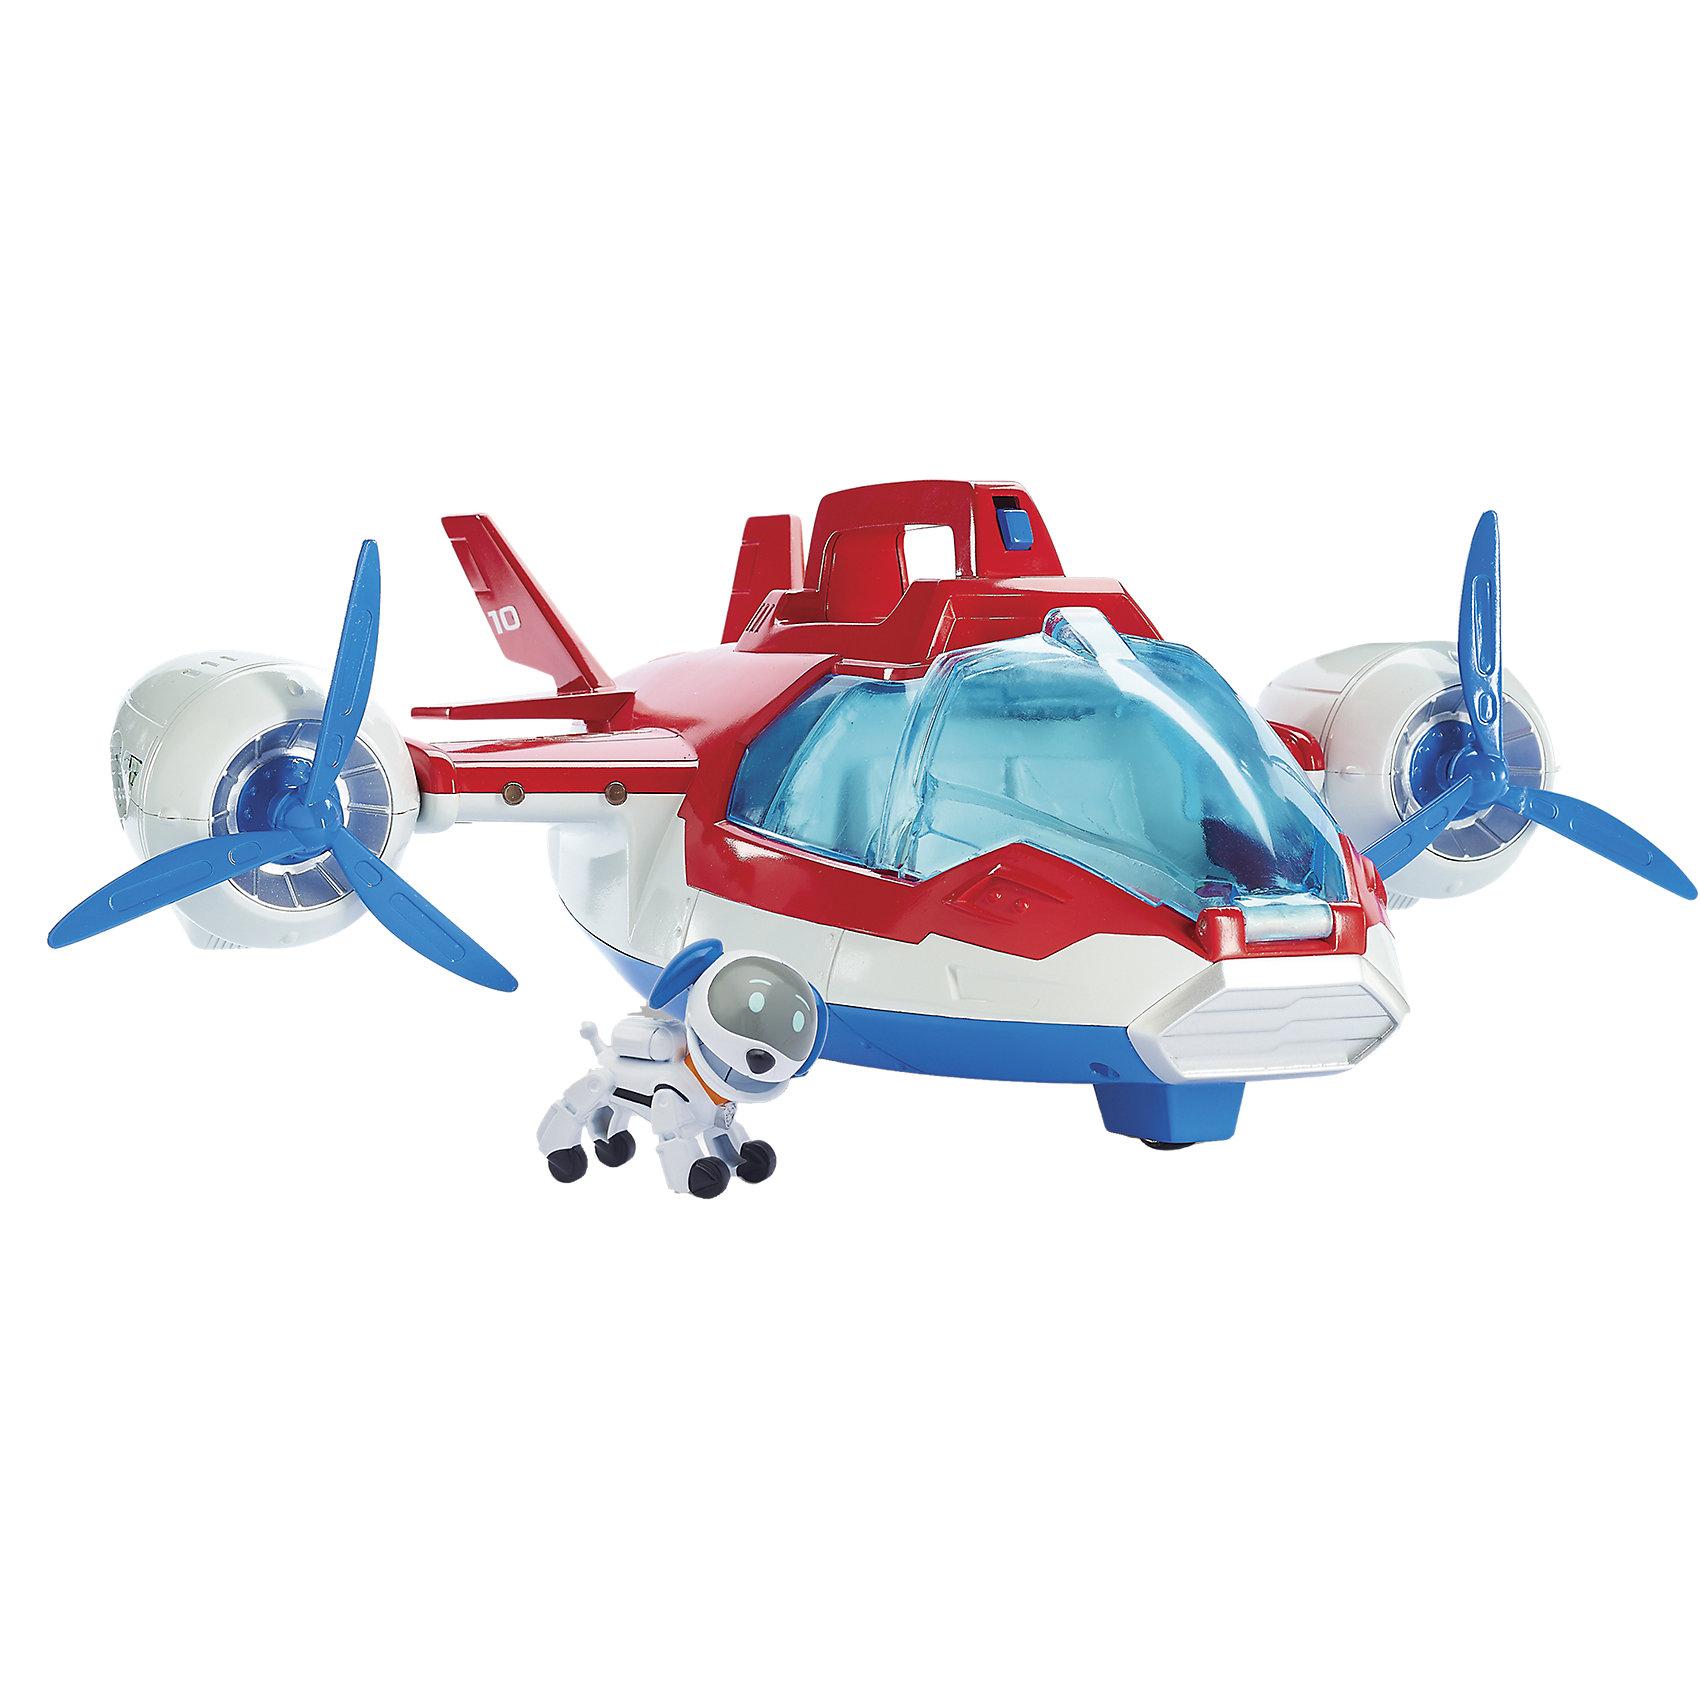 Самолет спасателей, Щенячий патрульХарактеристики товара:<br><br>- цвет: разноцветный;<br>- материал: пластик; <br>- габариты упаковки: 34х20х7 см;<br>- вес: 600 г;<br>- комплектация: самолет со вращающимися турбинами, значок спасателя, фигурка Робопеса;<br>- возраст: 3+.<br><br>Большинство детей хотят игрушки–миниатюры героев любимых мультиков. Новая модель представляет персонажей из фильма «Щенячий патруль». В наборе есть главная игрушка – самолет со вращающимися турбинами и желтыми пропеллерами, значок смелого спасателя для малыша и моделька Робопеса. С такой игрушкой малыш себя почувствует настоящим космическим спасателем! Материалы, использованные при изготовлении изделия, абсолютно безопасны и полностью отвечают международным требованиям по качеству детских товаров.<br><br>Игрушку «Самолет спасателей, Щенячий патруль» можно купить в нашем интернет-магазине.<br><br>Ширина мм: 413<br>Глубина мм: 368<br>Высота мм: 152<br>Вес г: 1345<br>Возраст от месяцев: 36<br>Возраст до месяцев: 72<br>Пол: Унисекс<br>Возраст: Детский<br>SKU: 4593704